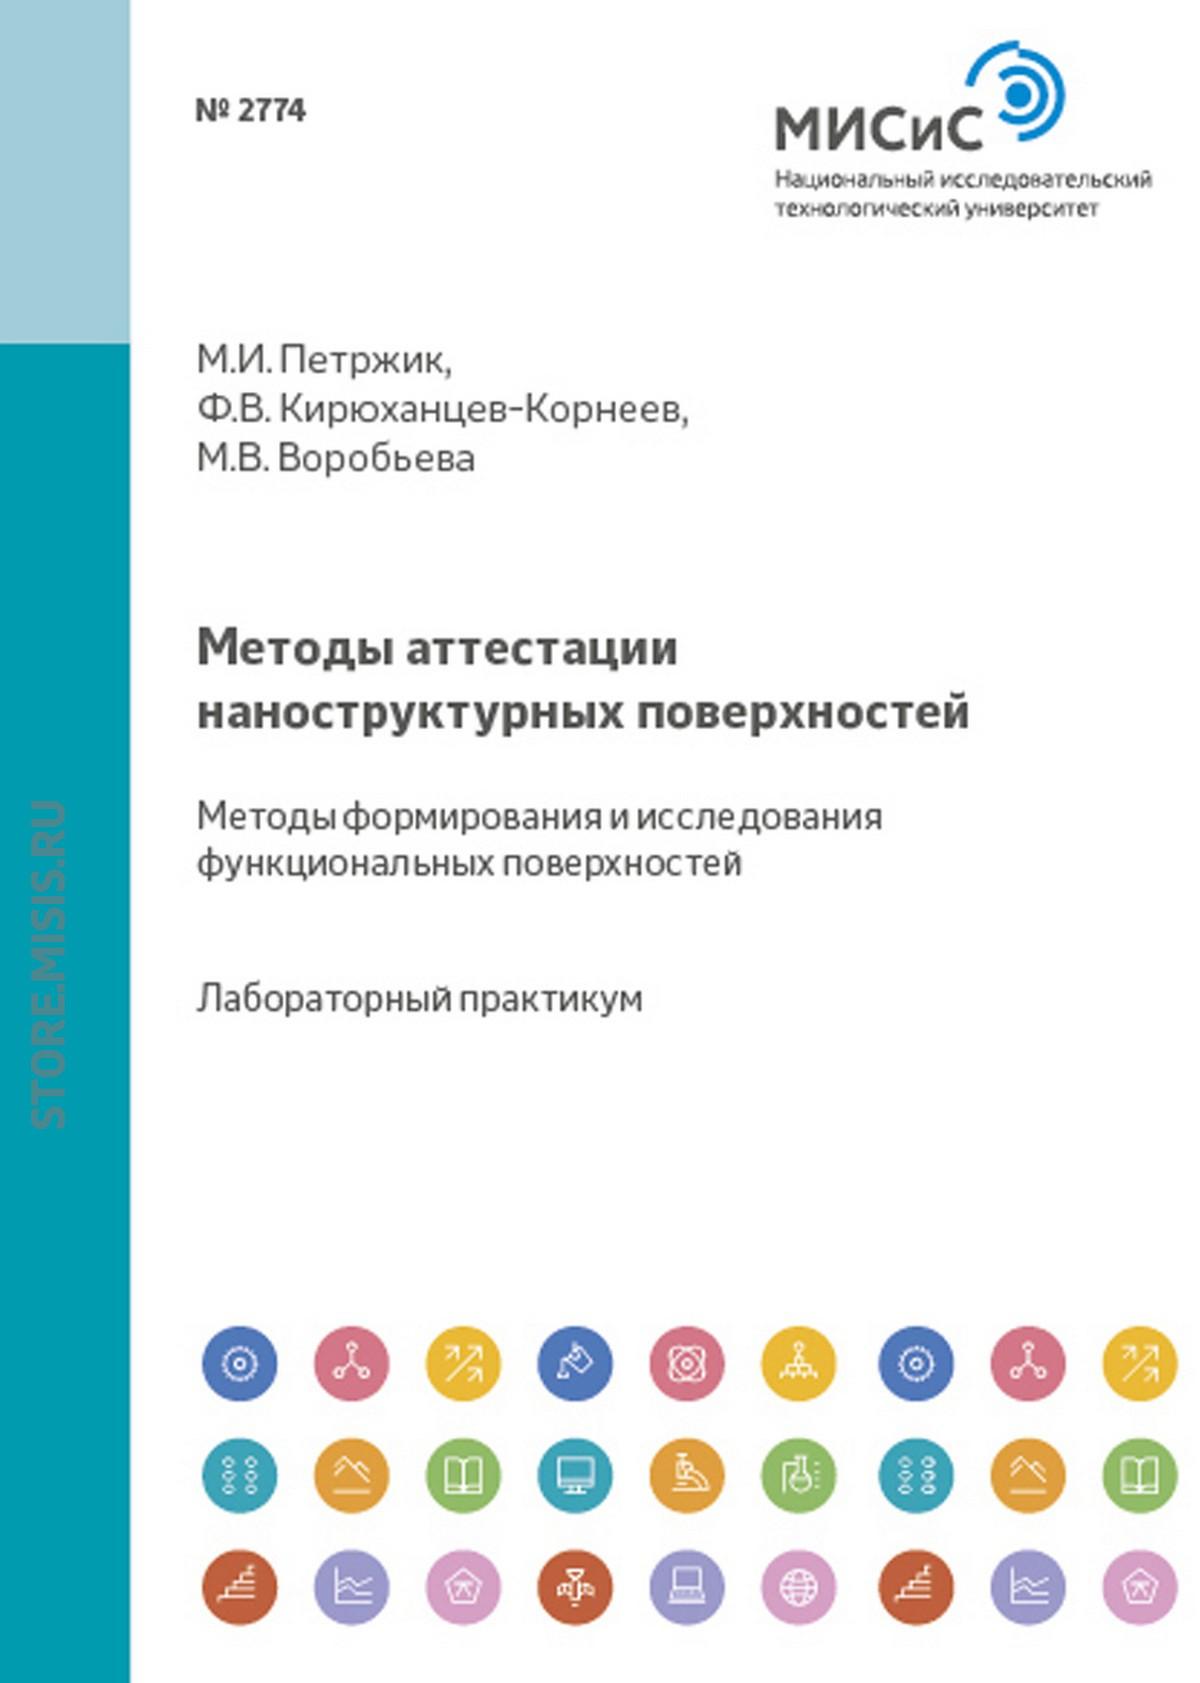 Мария Воробьева Методы аттестации наноструктурных поверхностей. Методы формирования и исследования функциональных поверхностей цены